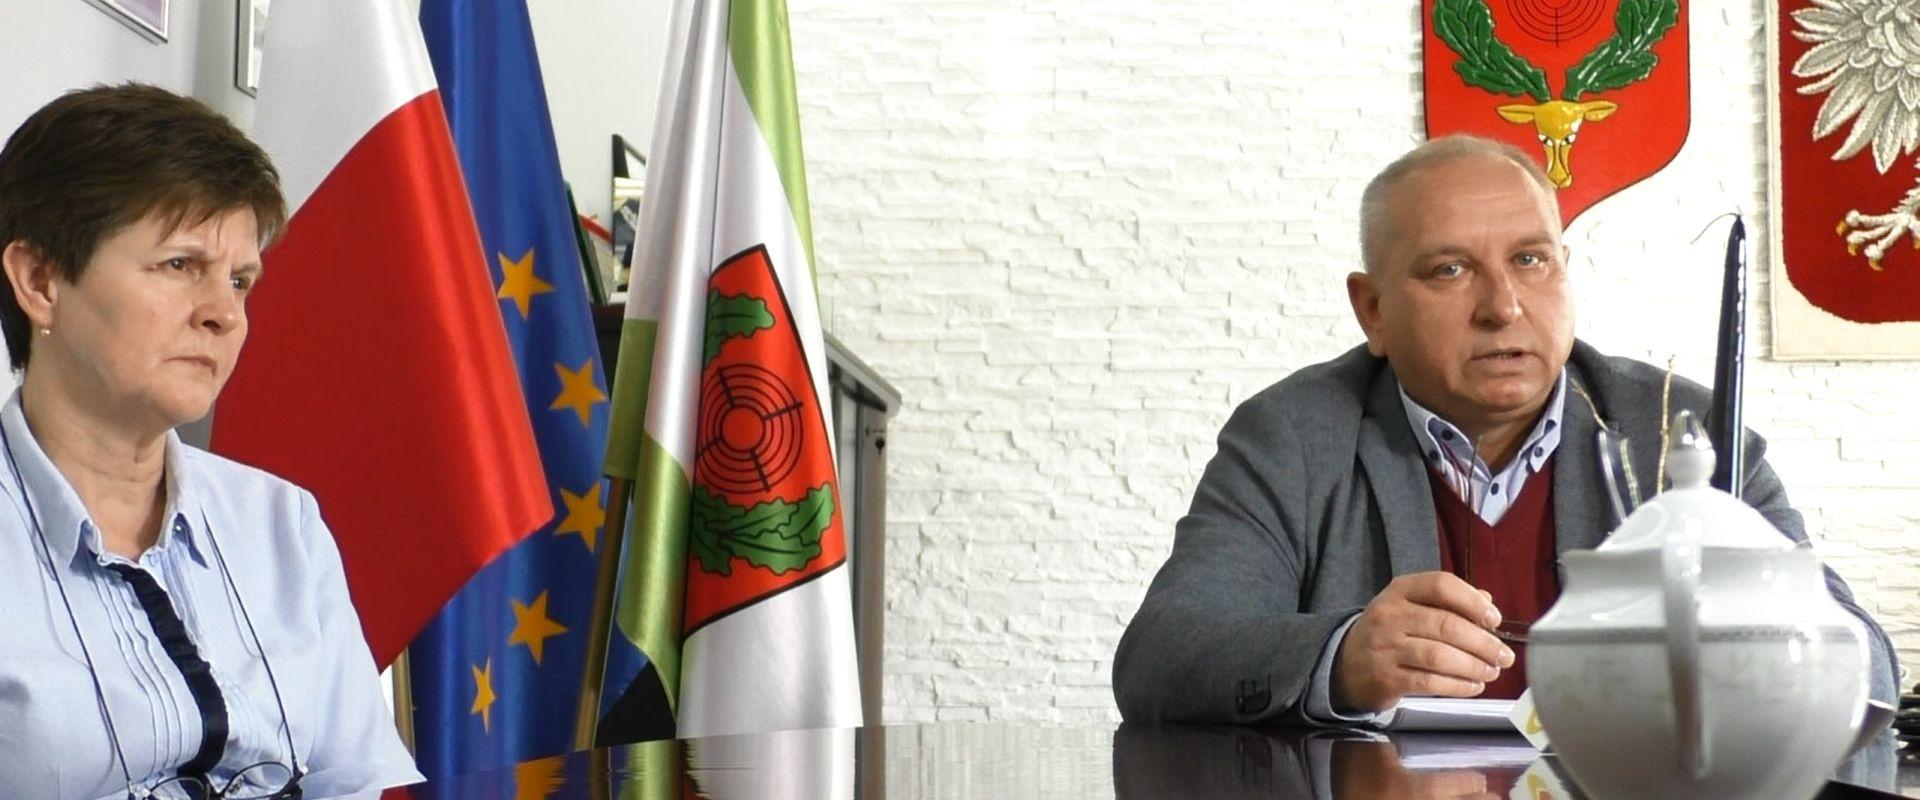 Propozycja burmistrza: 3 mln zł wolnych środków